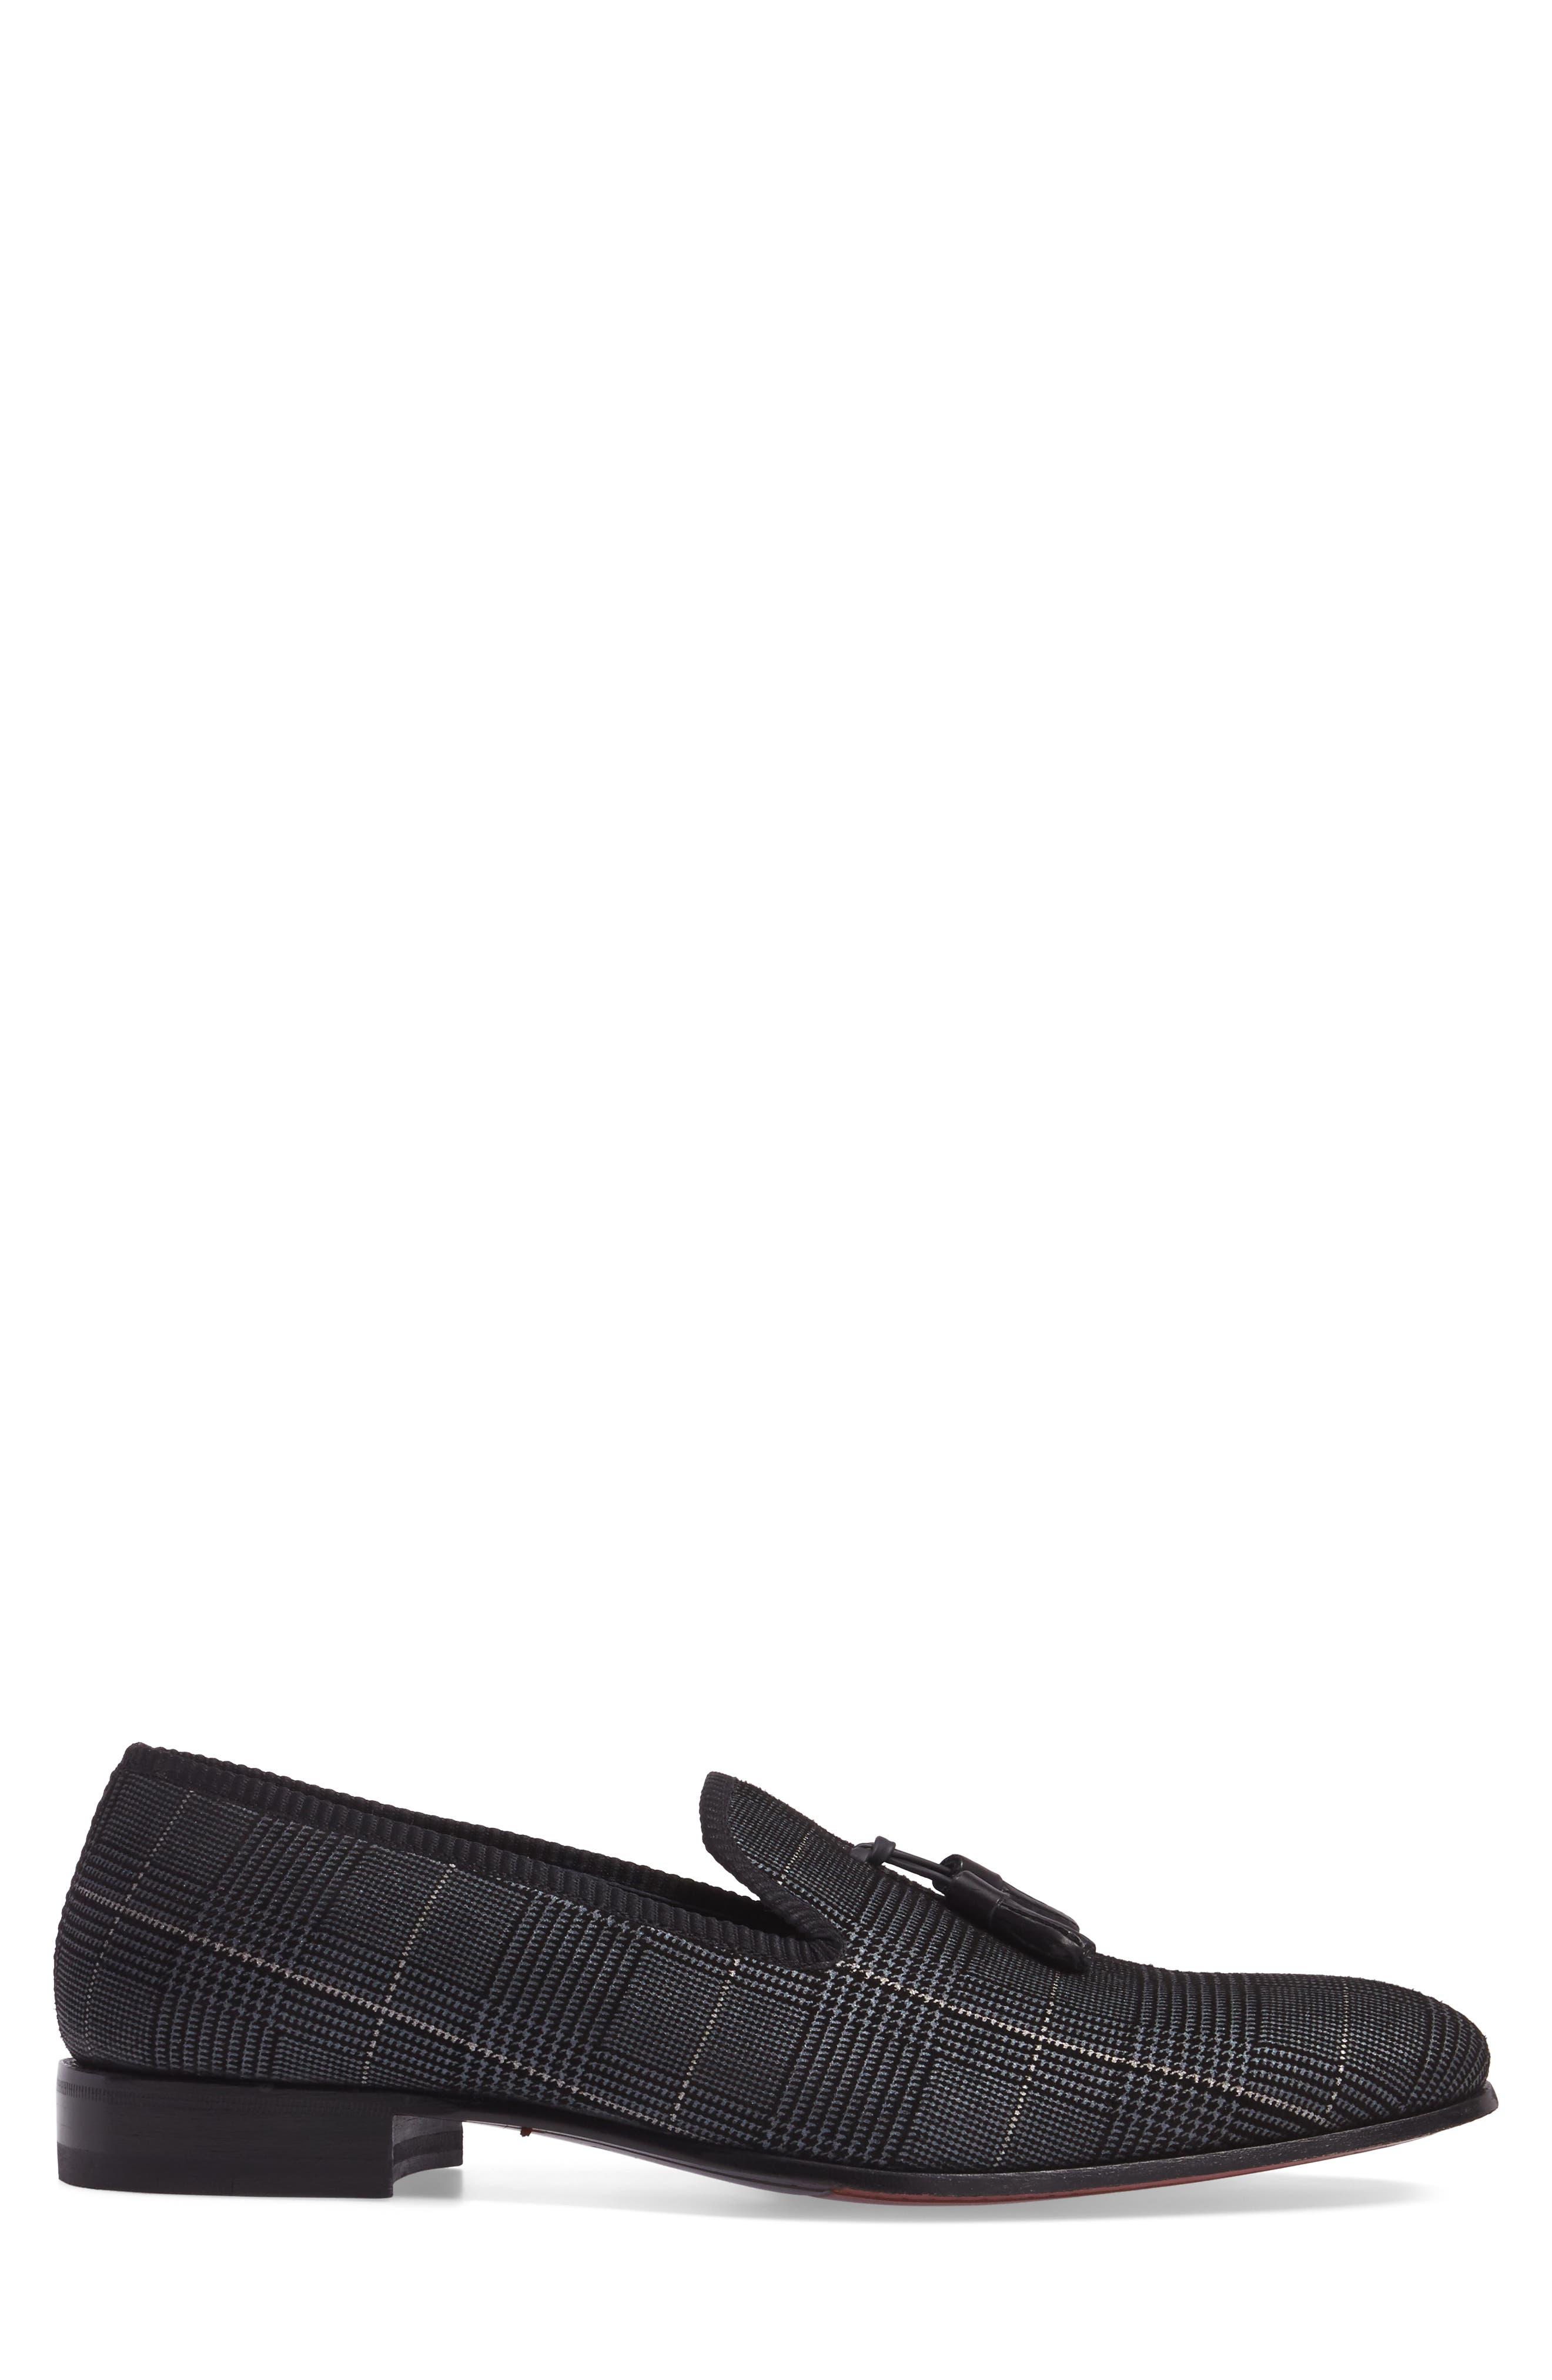 Motril Tassel Loafer,                             Alternate thumbnail 3, color,                             Black Suede